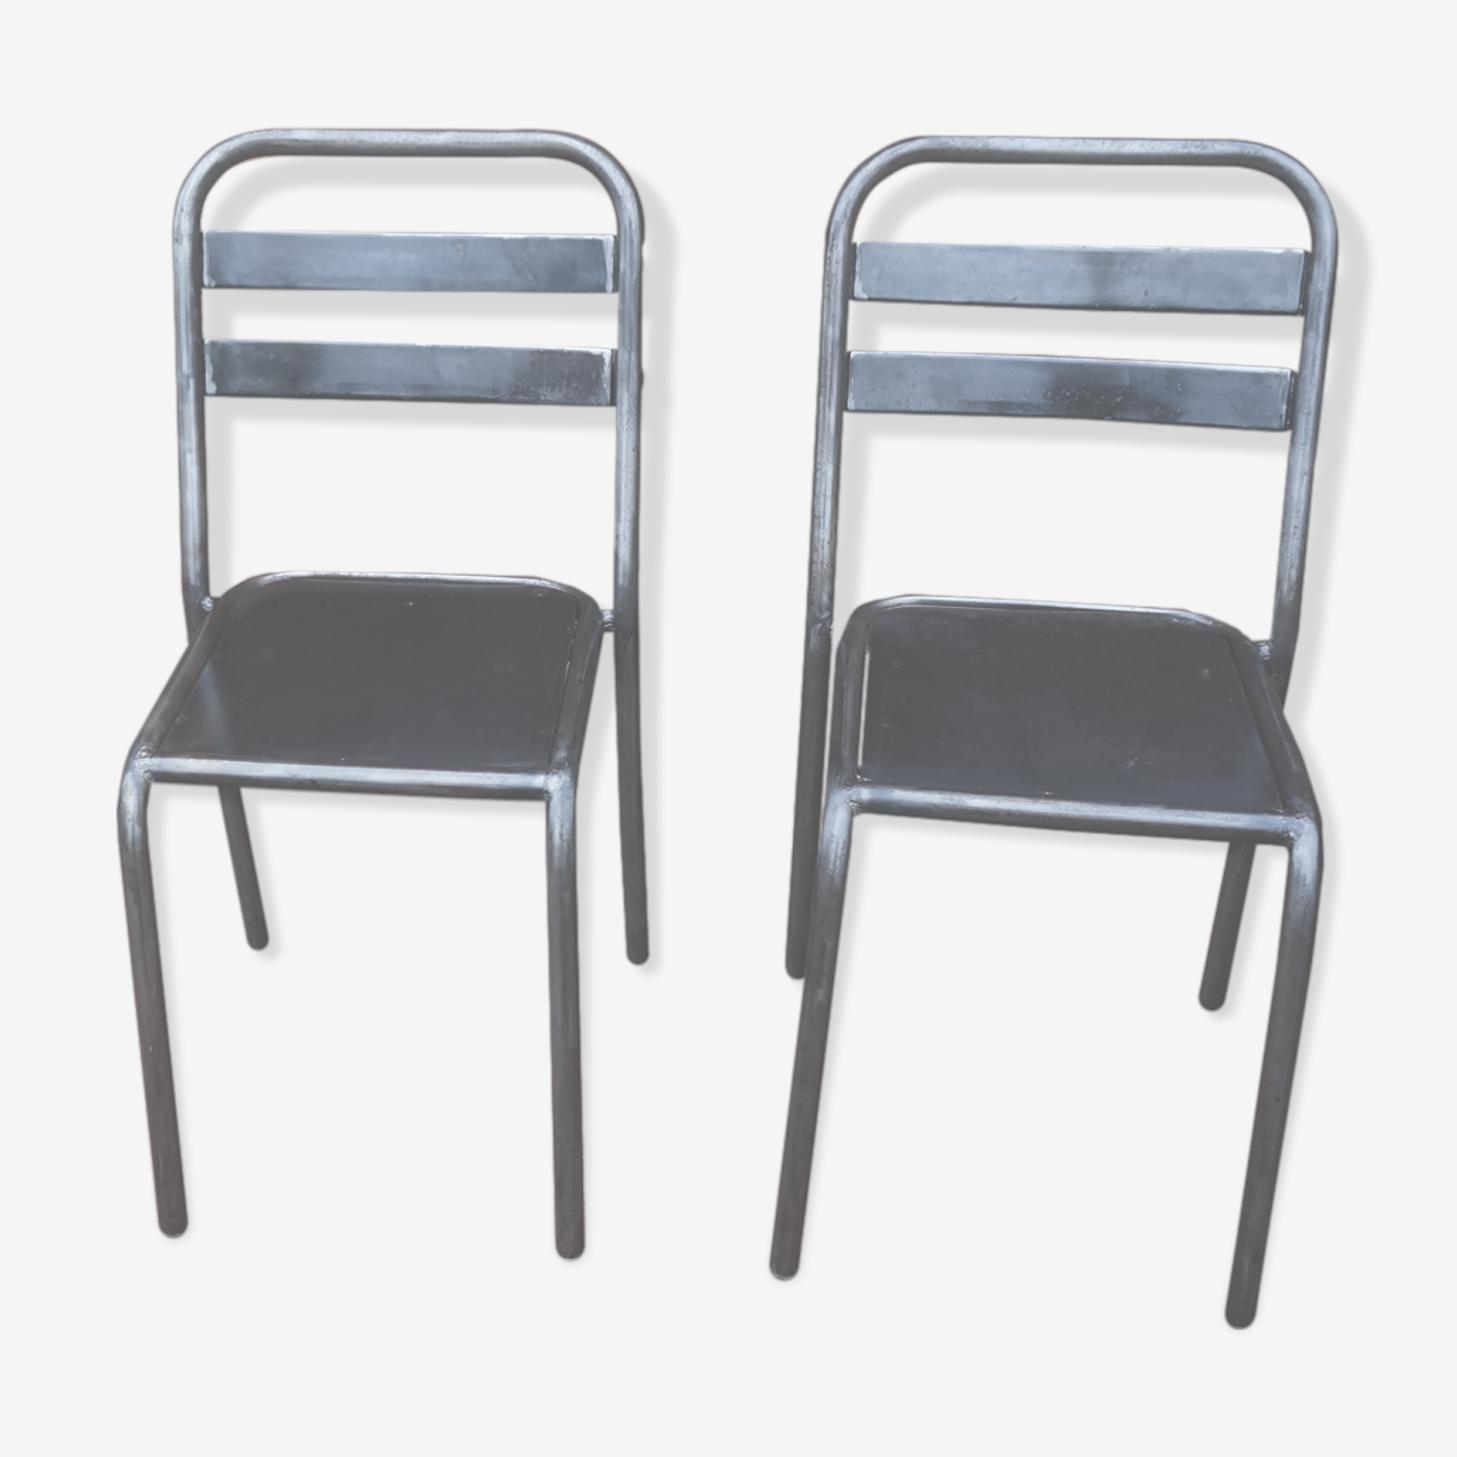 Paire de chaises en métal brossé